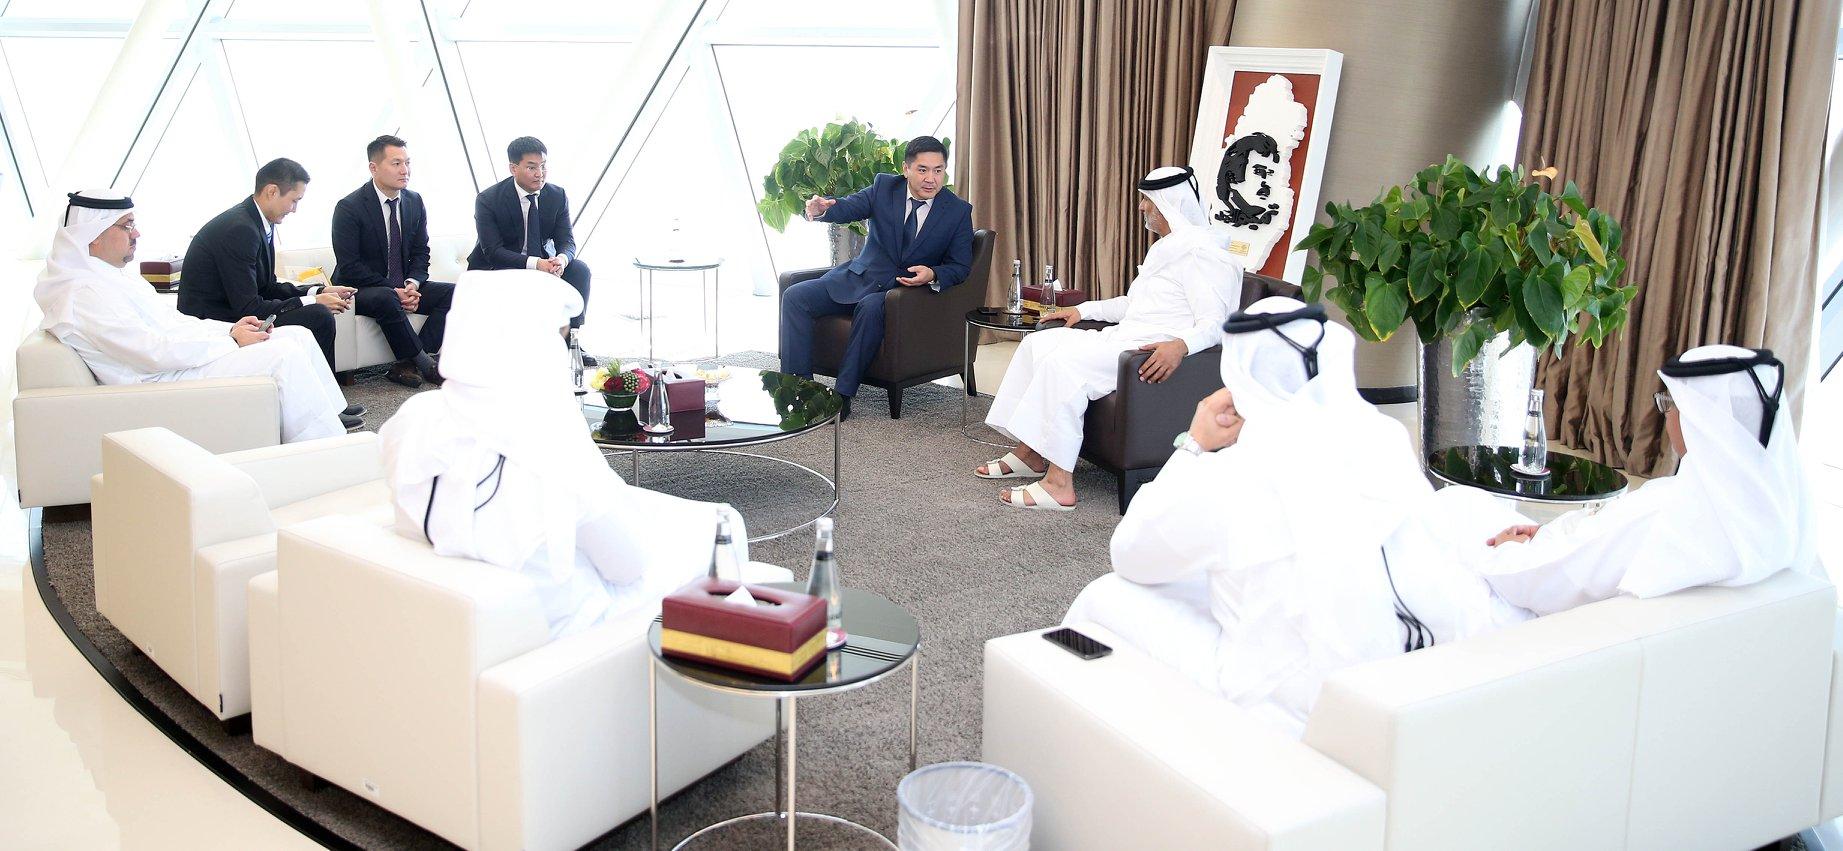 Монголын хөл бөмбөгийн холбоо, Катарын холбоотой хамтарч ажиллана